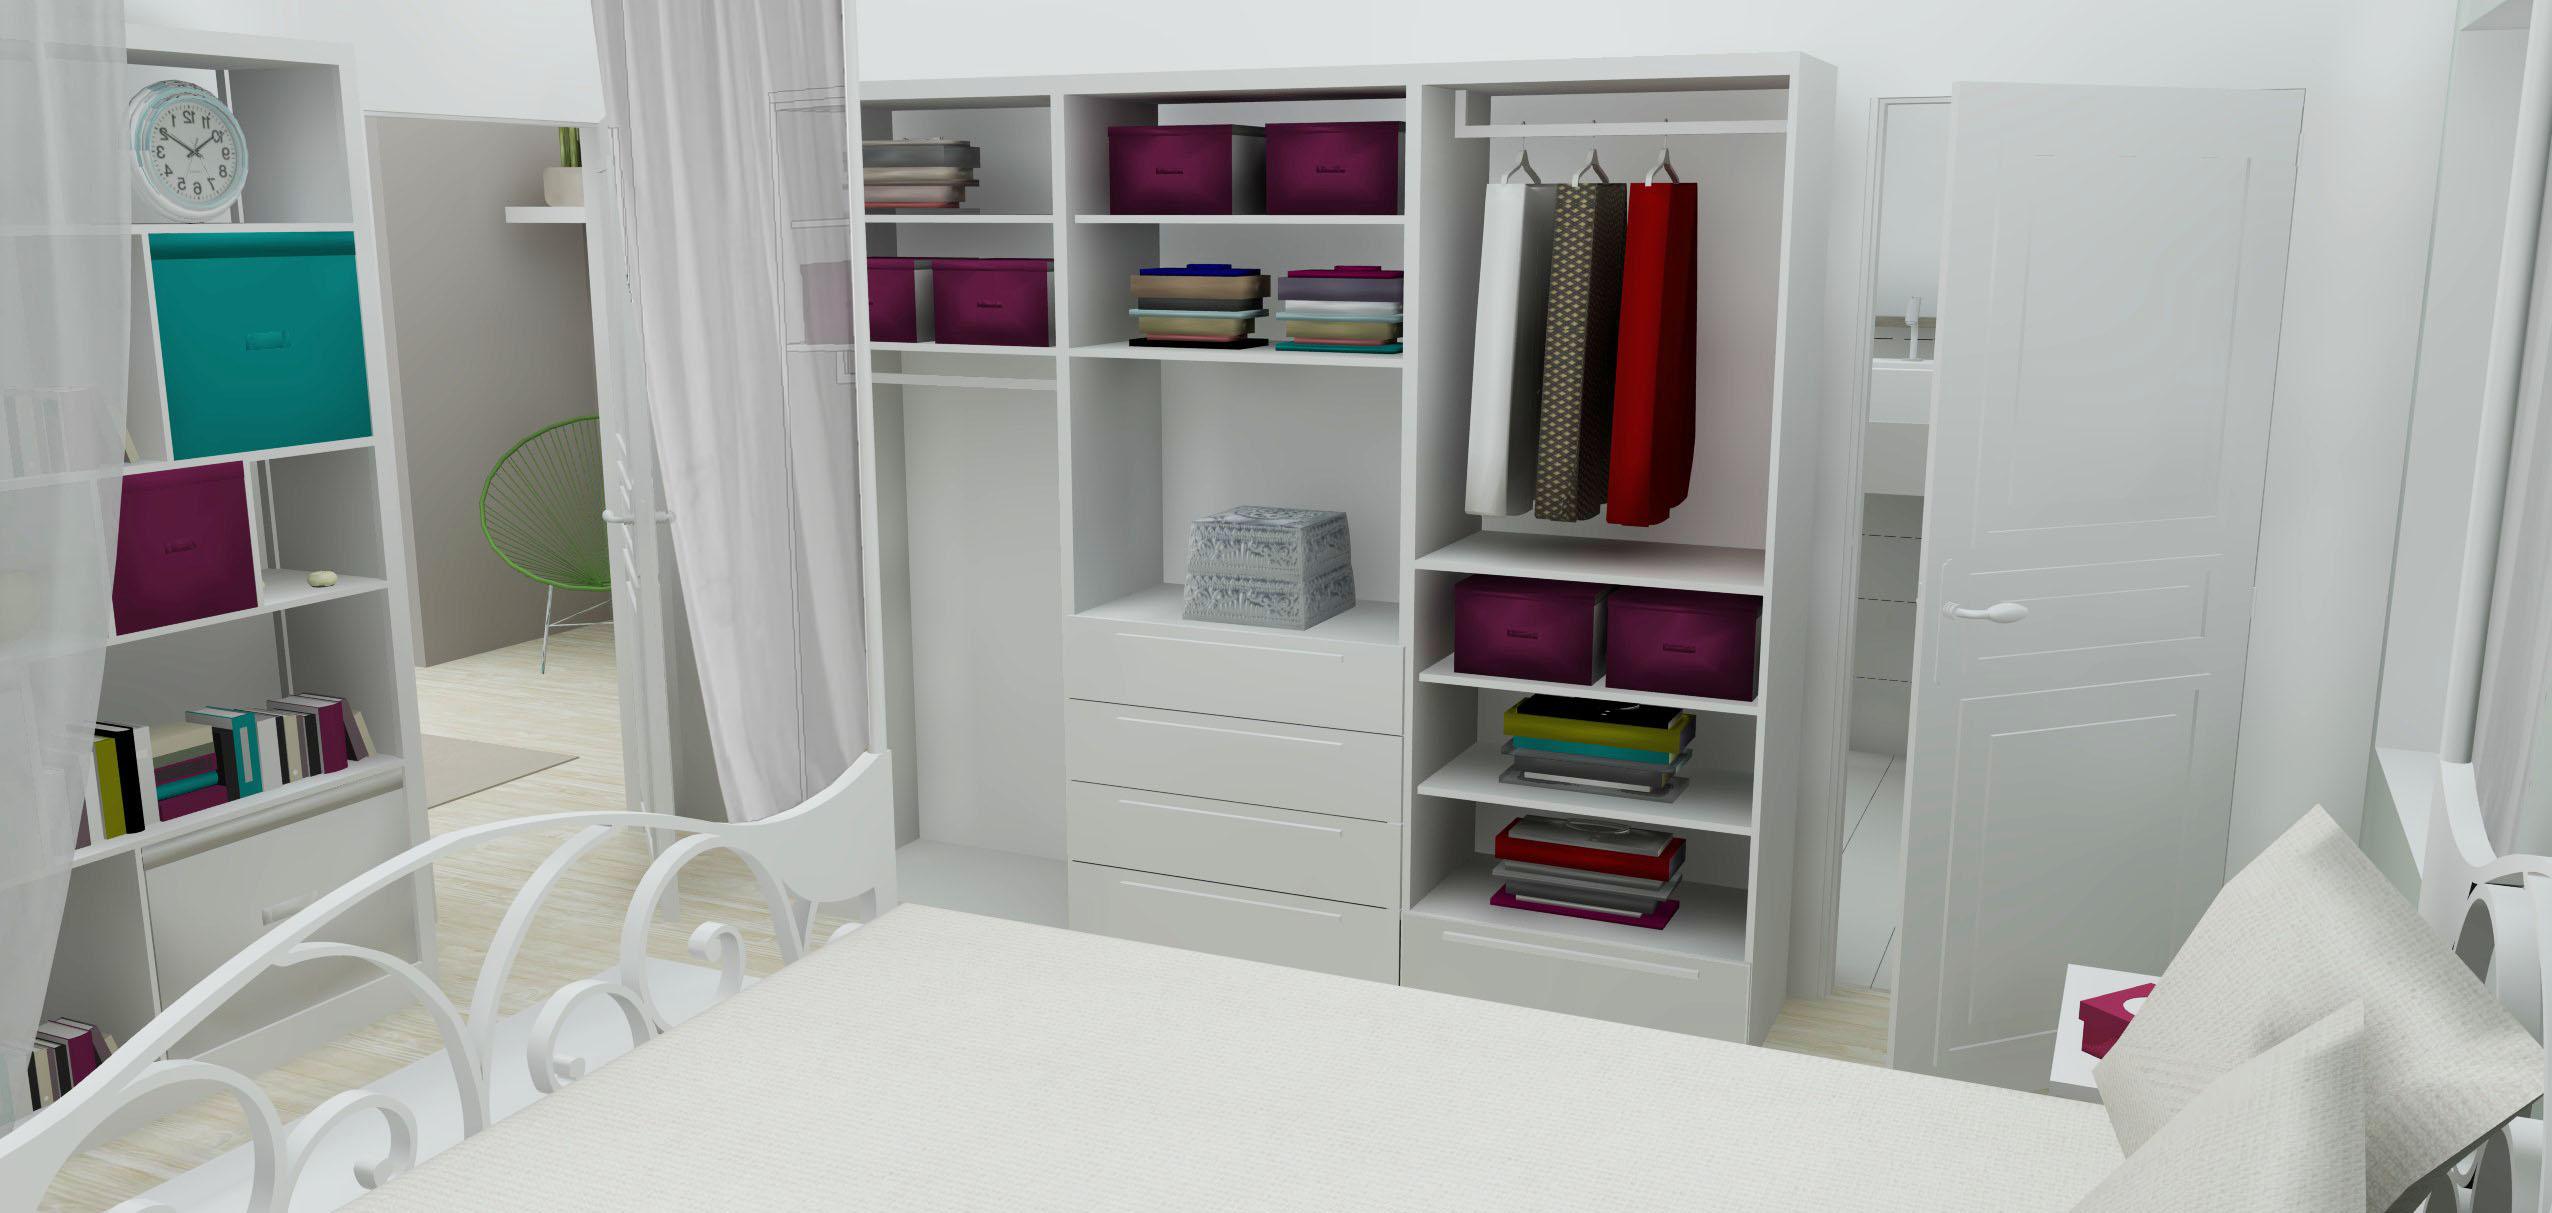 am nagement d int rieur pastel home l 39 atelier d 39 elisa. Black Bedroom Furniture Sets. Home Design Ideas